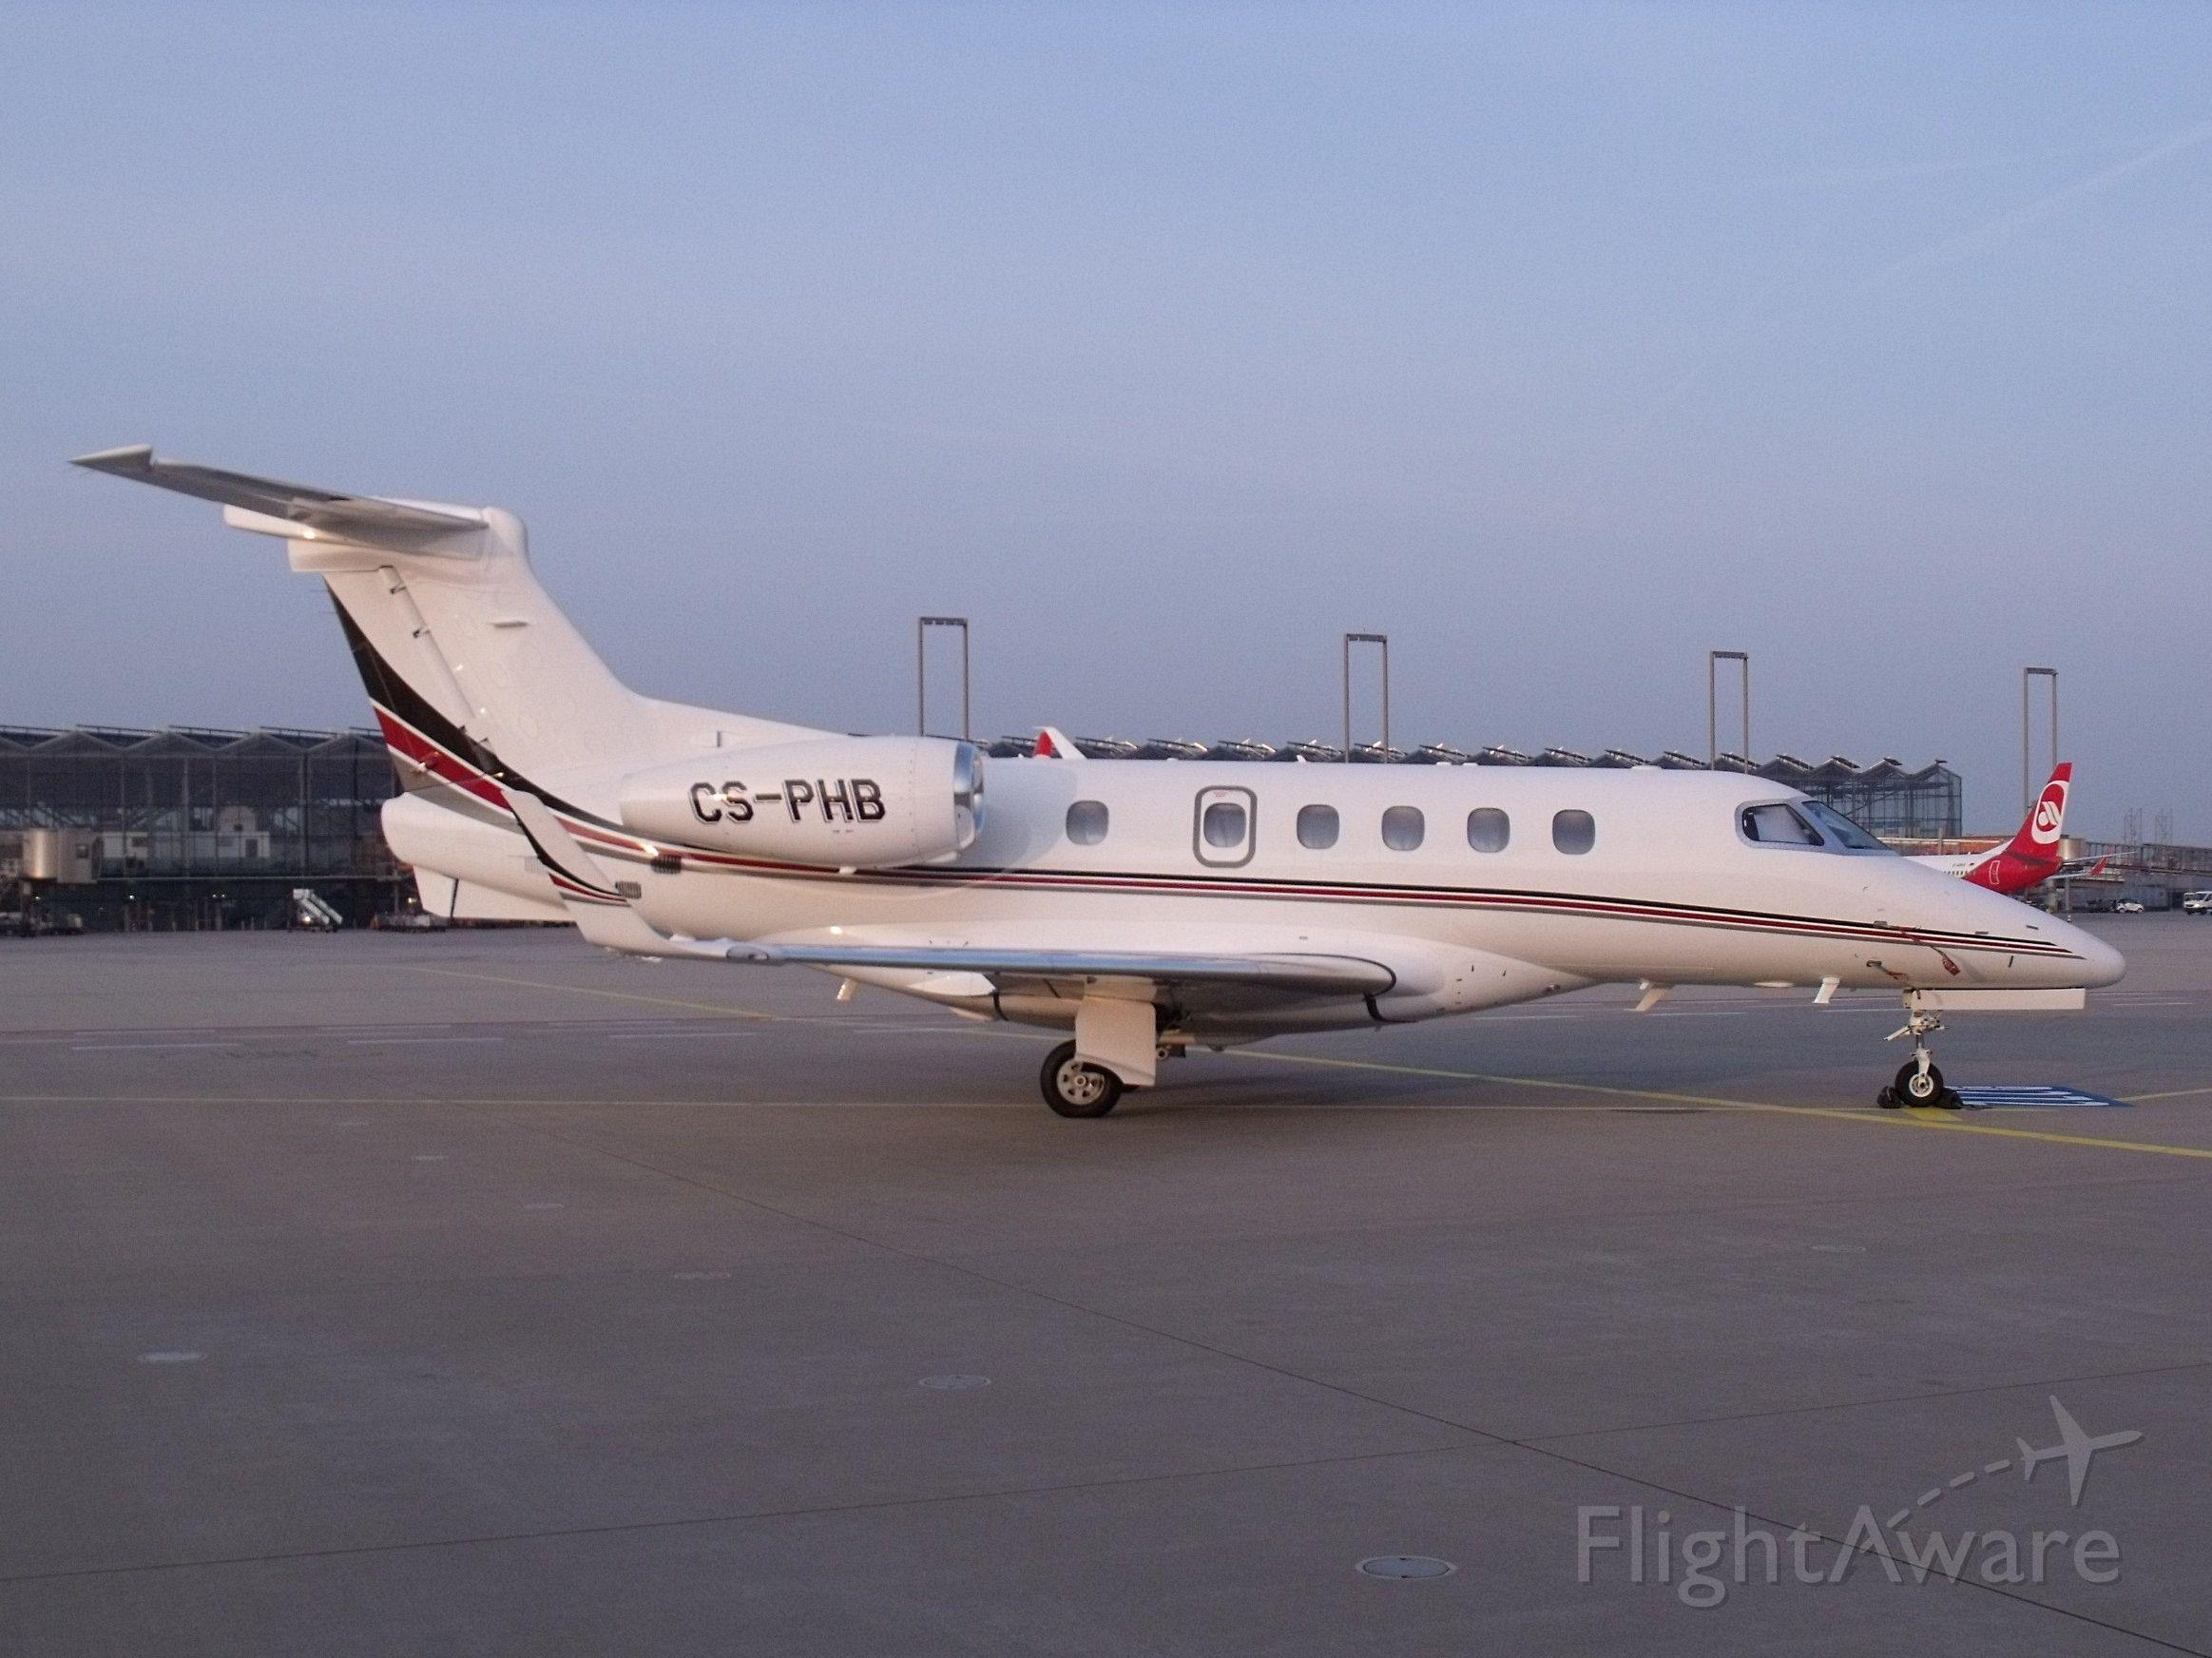 Embraer Phenom 300 (CS-PHB)